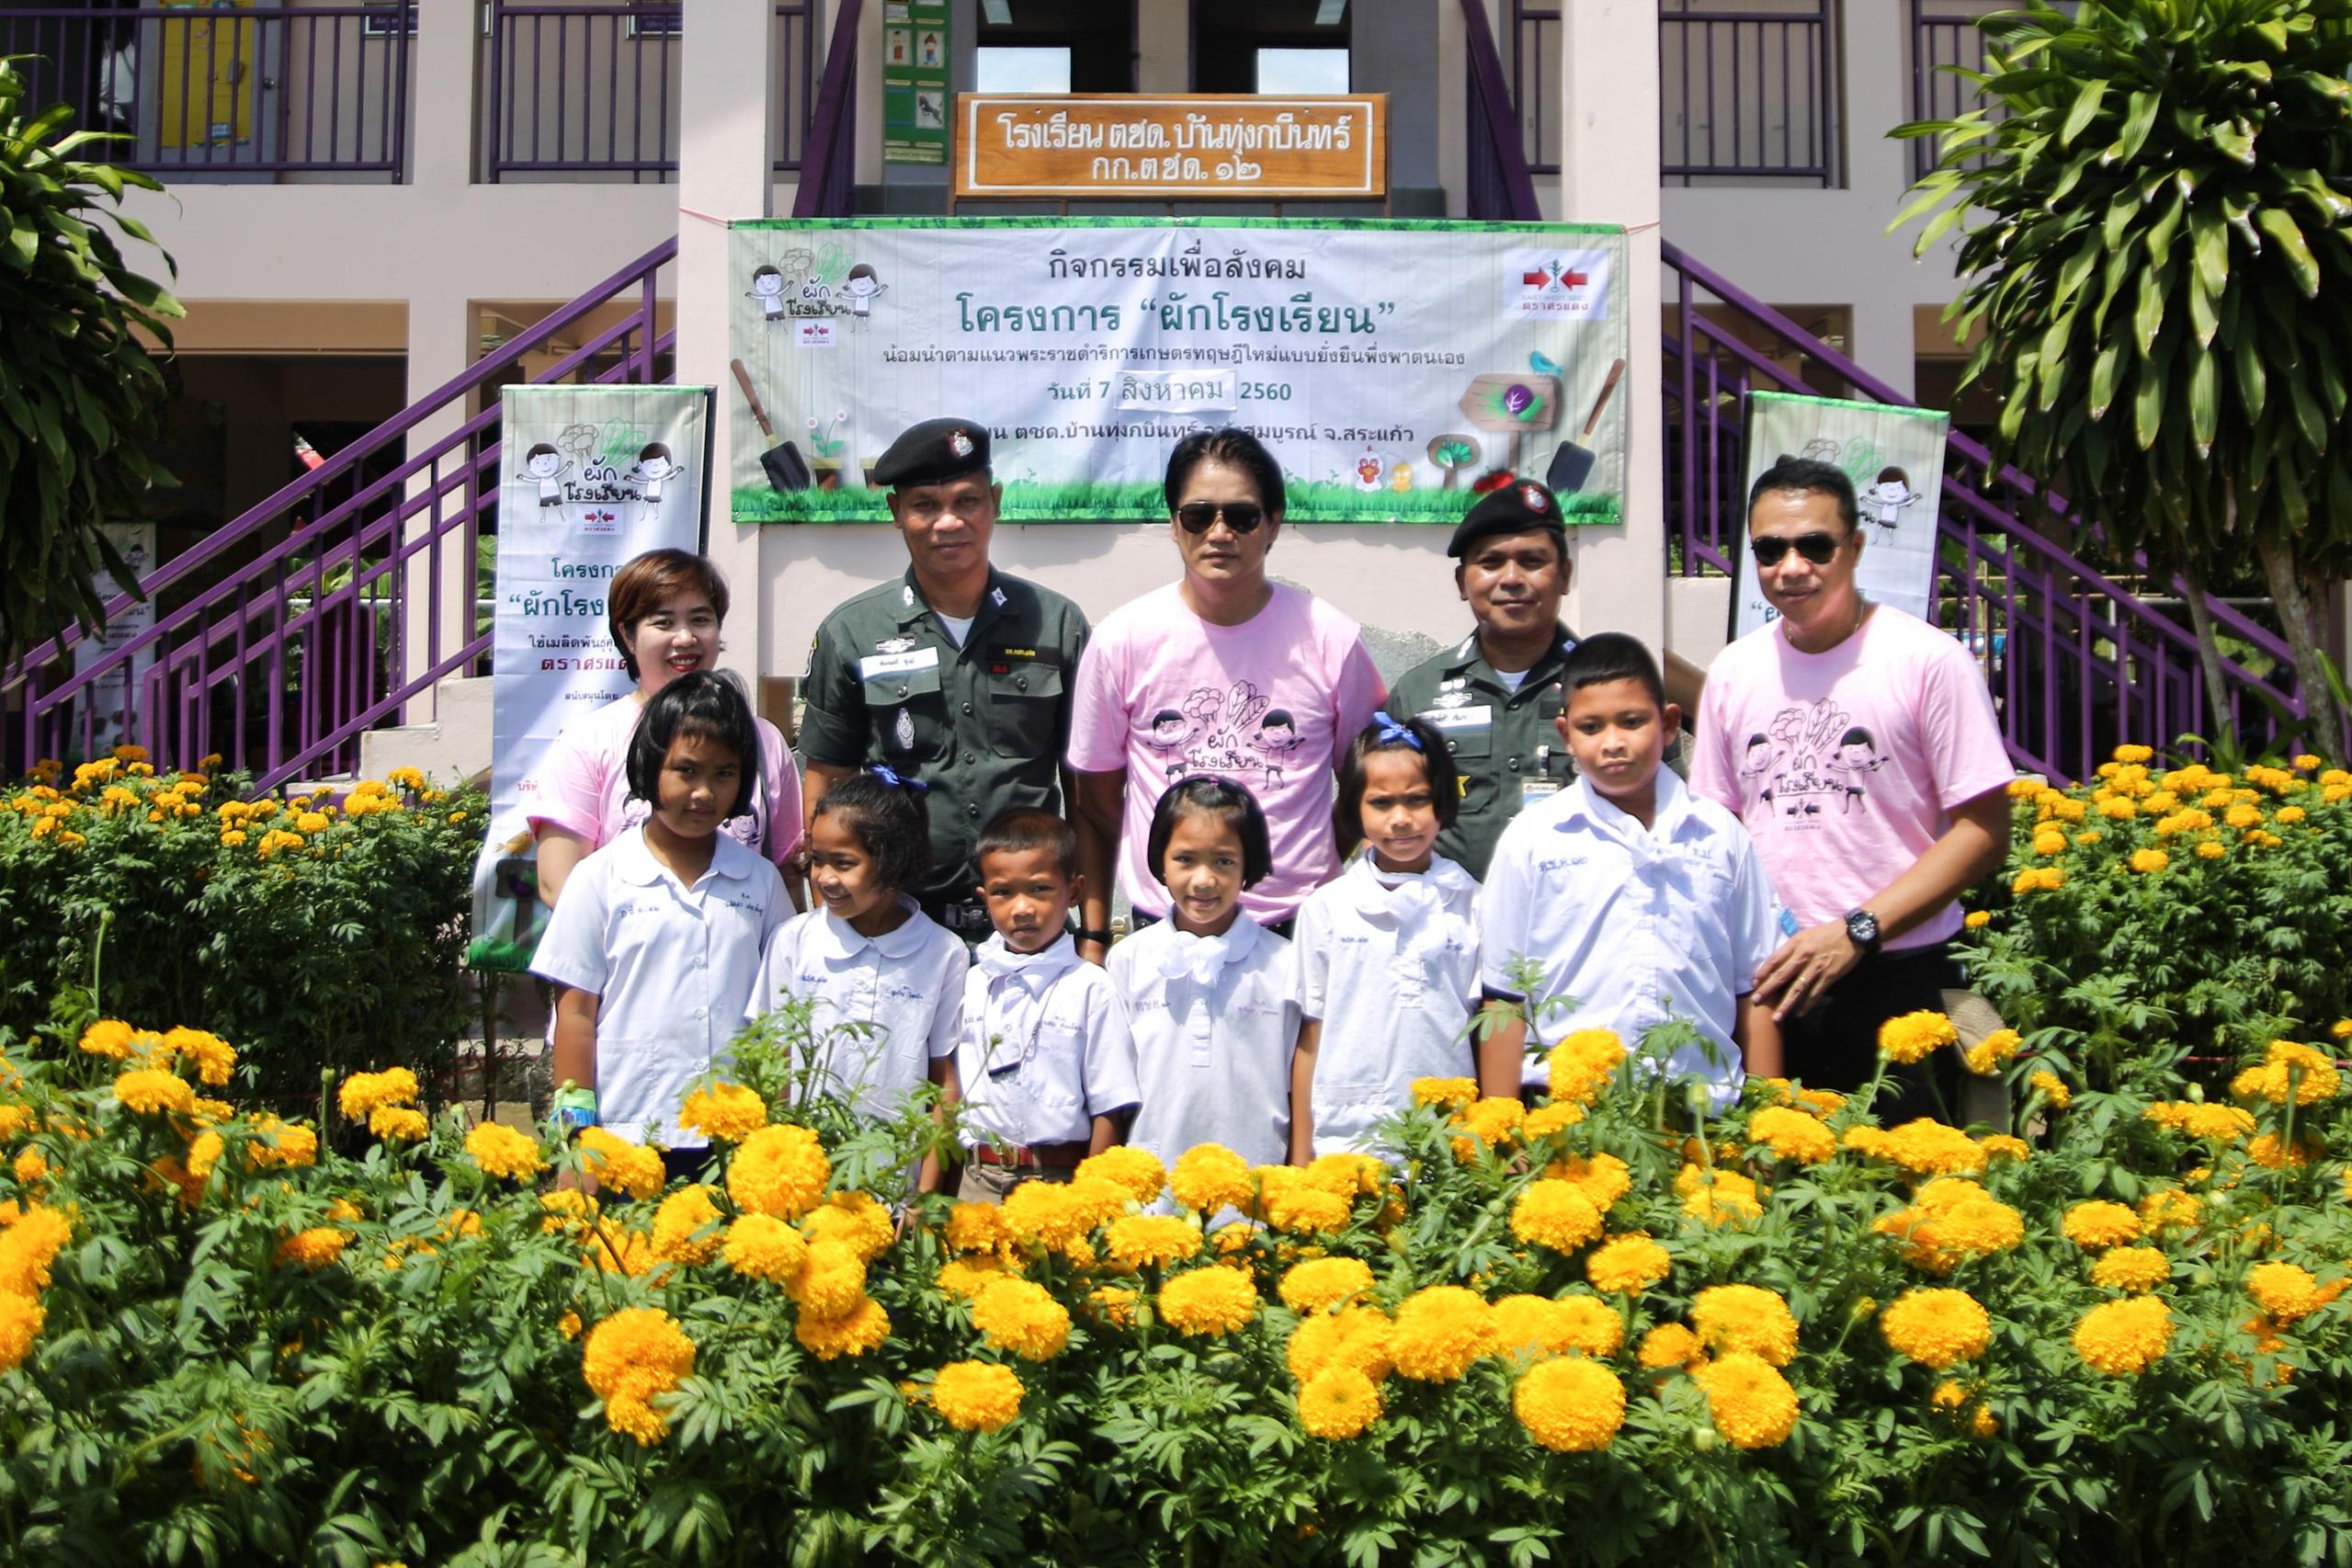 """ศรแดงจัดกิจกรรม """"โครงการผักโรงเรียน ปีที่ 2"""" โดยมุ่งเน้นให้เยาวชนไทยได้เรียนรู้วิถีเกษตรกรรม"""